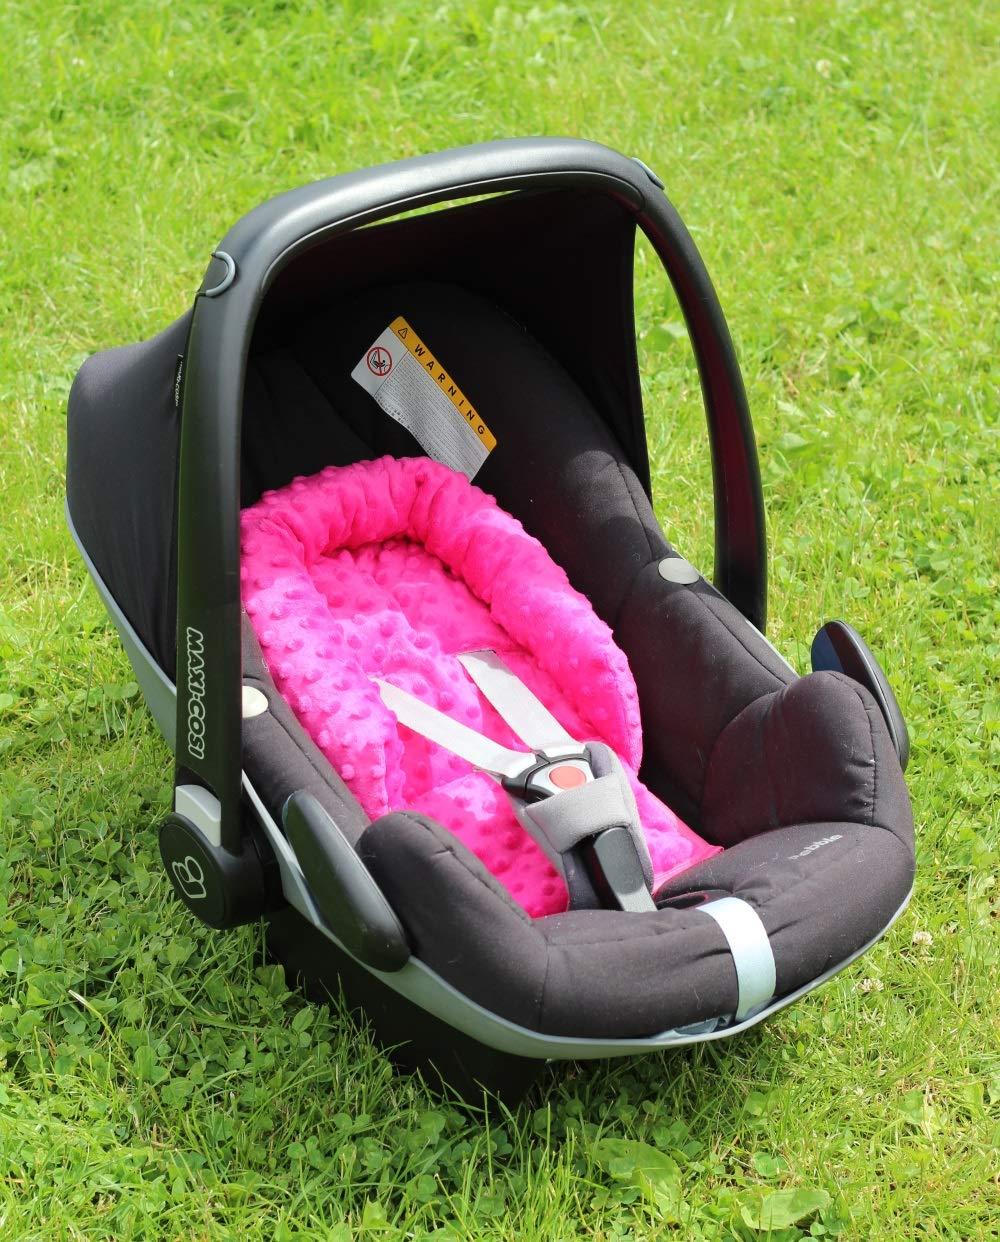 Fuchsia 0//0+ Sweet Baby ** SOFTY MINKY SitzVerkleinerer ** NeugeborenenEinsatz//KopfPolster f/ür BabyAutositz Gr